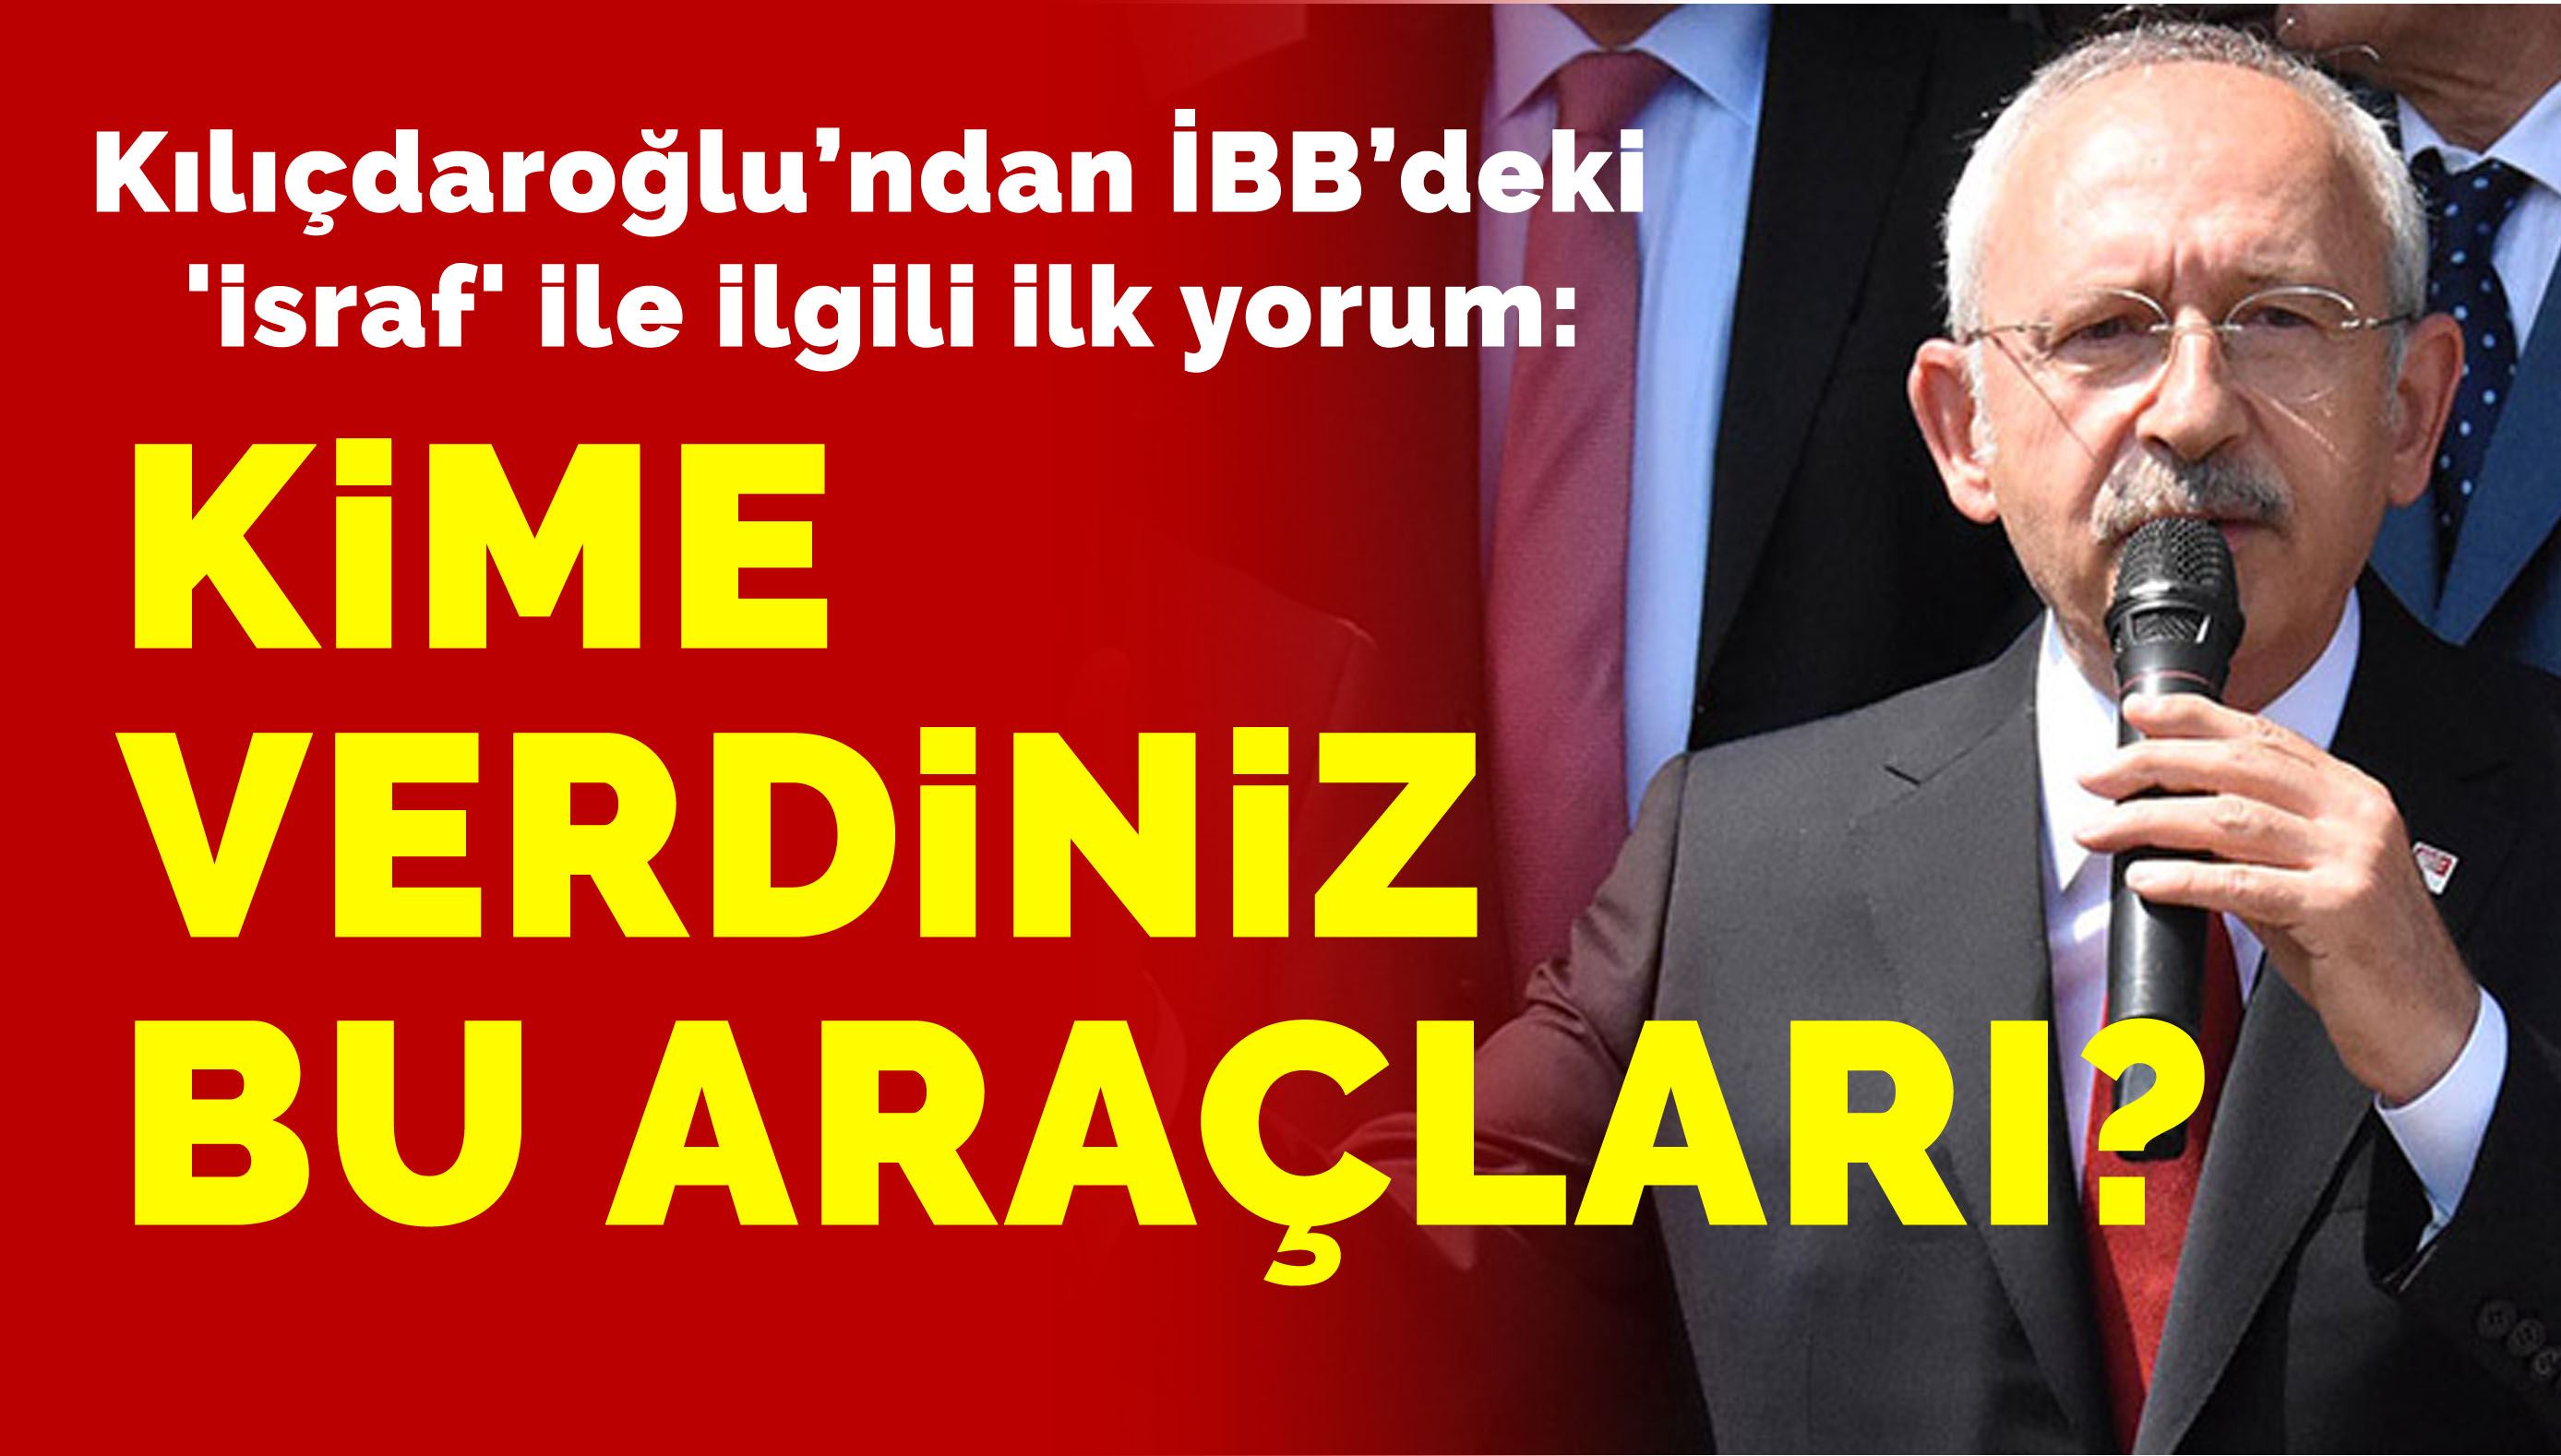 Kılıçdaroğlu'ndan 'israf' ile ilgili ilk yorum: Kime verdiniz bu araçları?